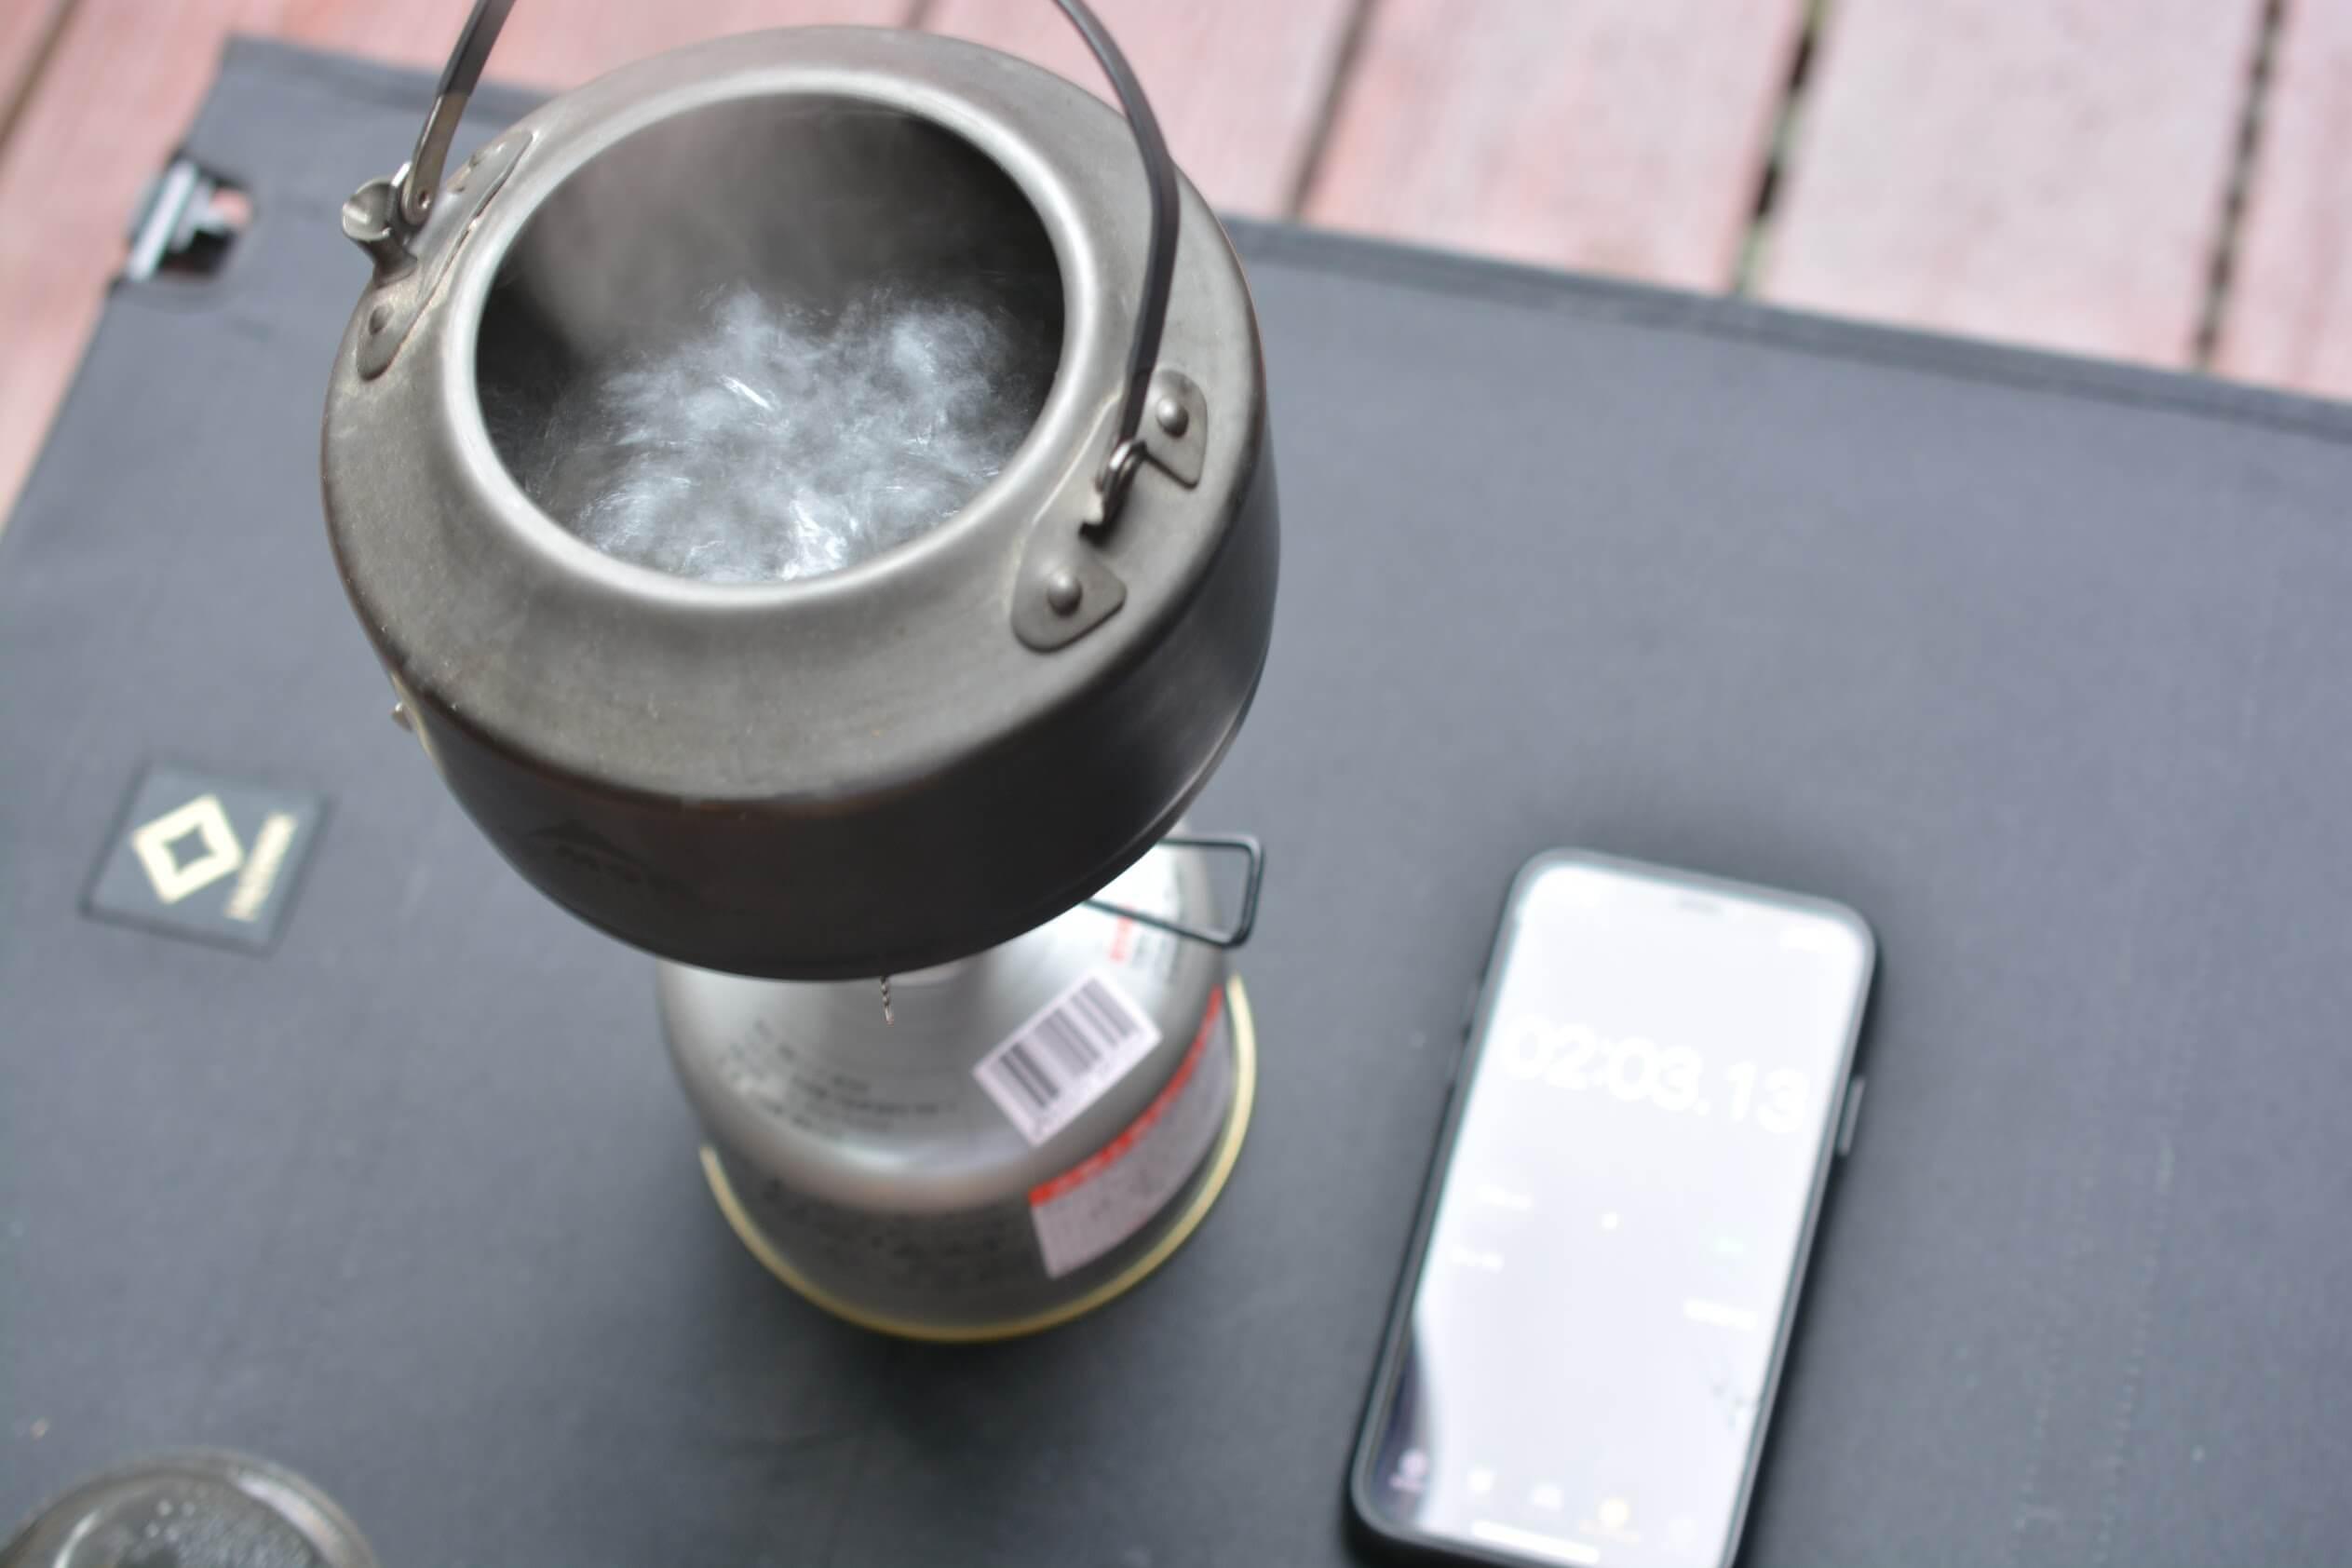 SOTO ウィンドマスター[SOD-310]  湯沸かし実験